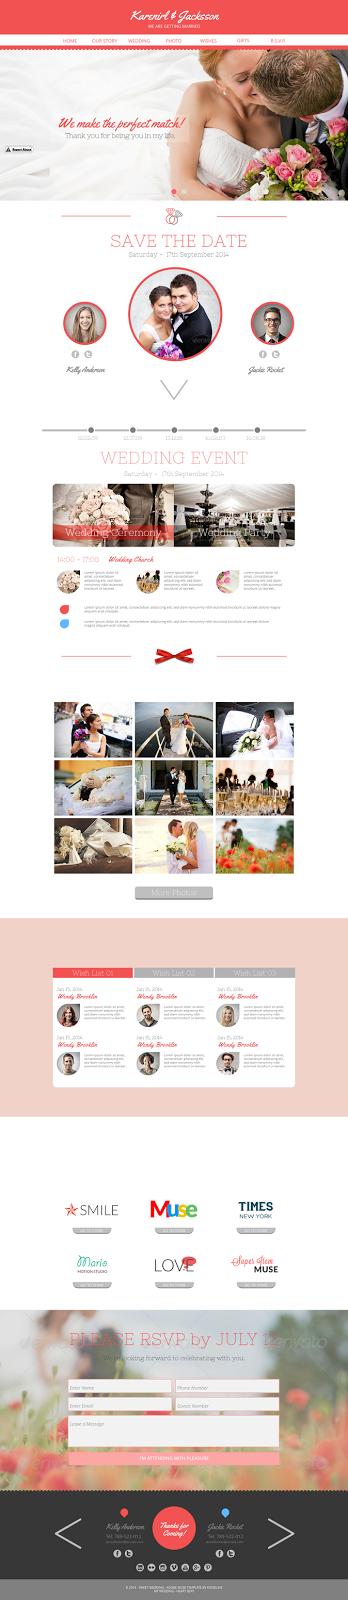 wedding website themeforest